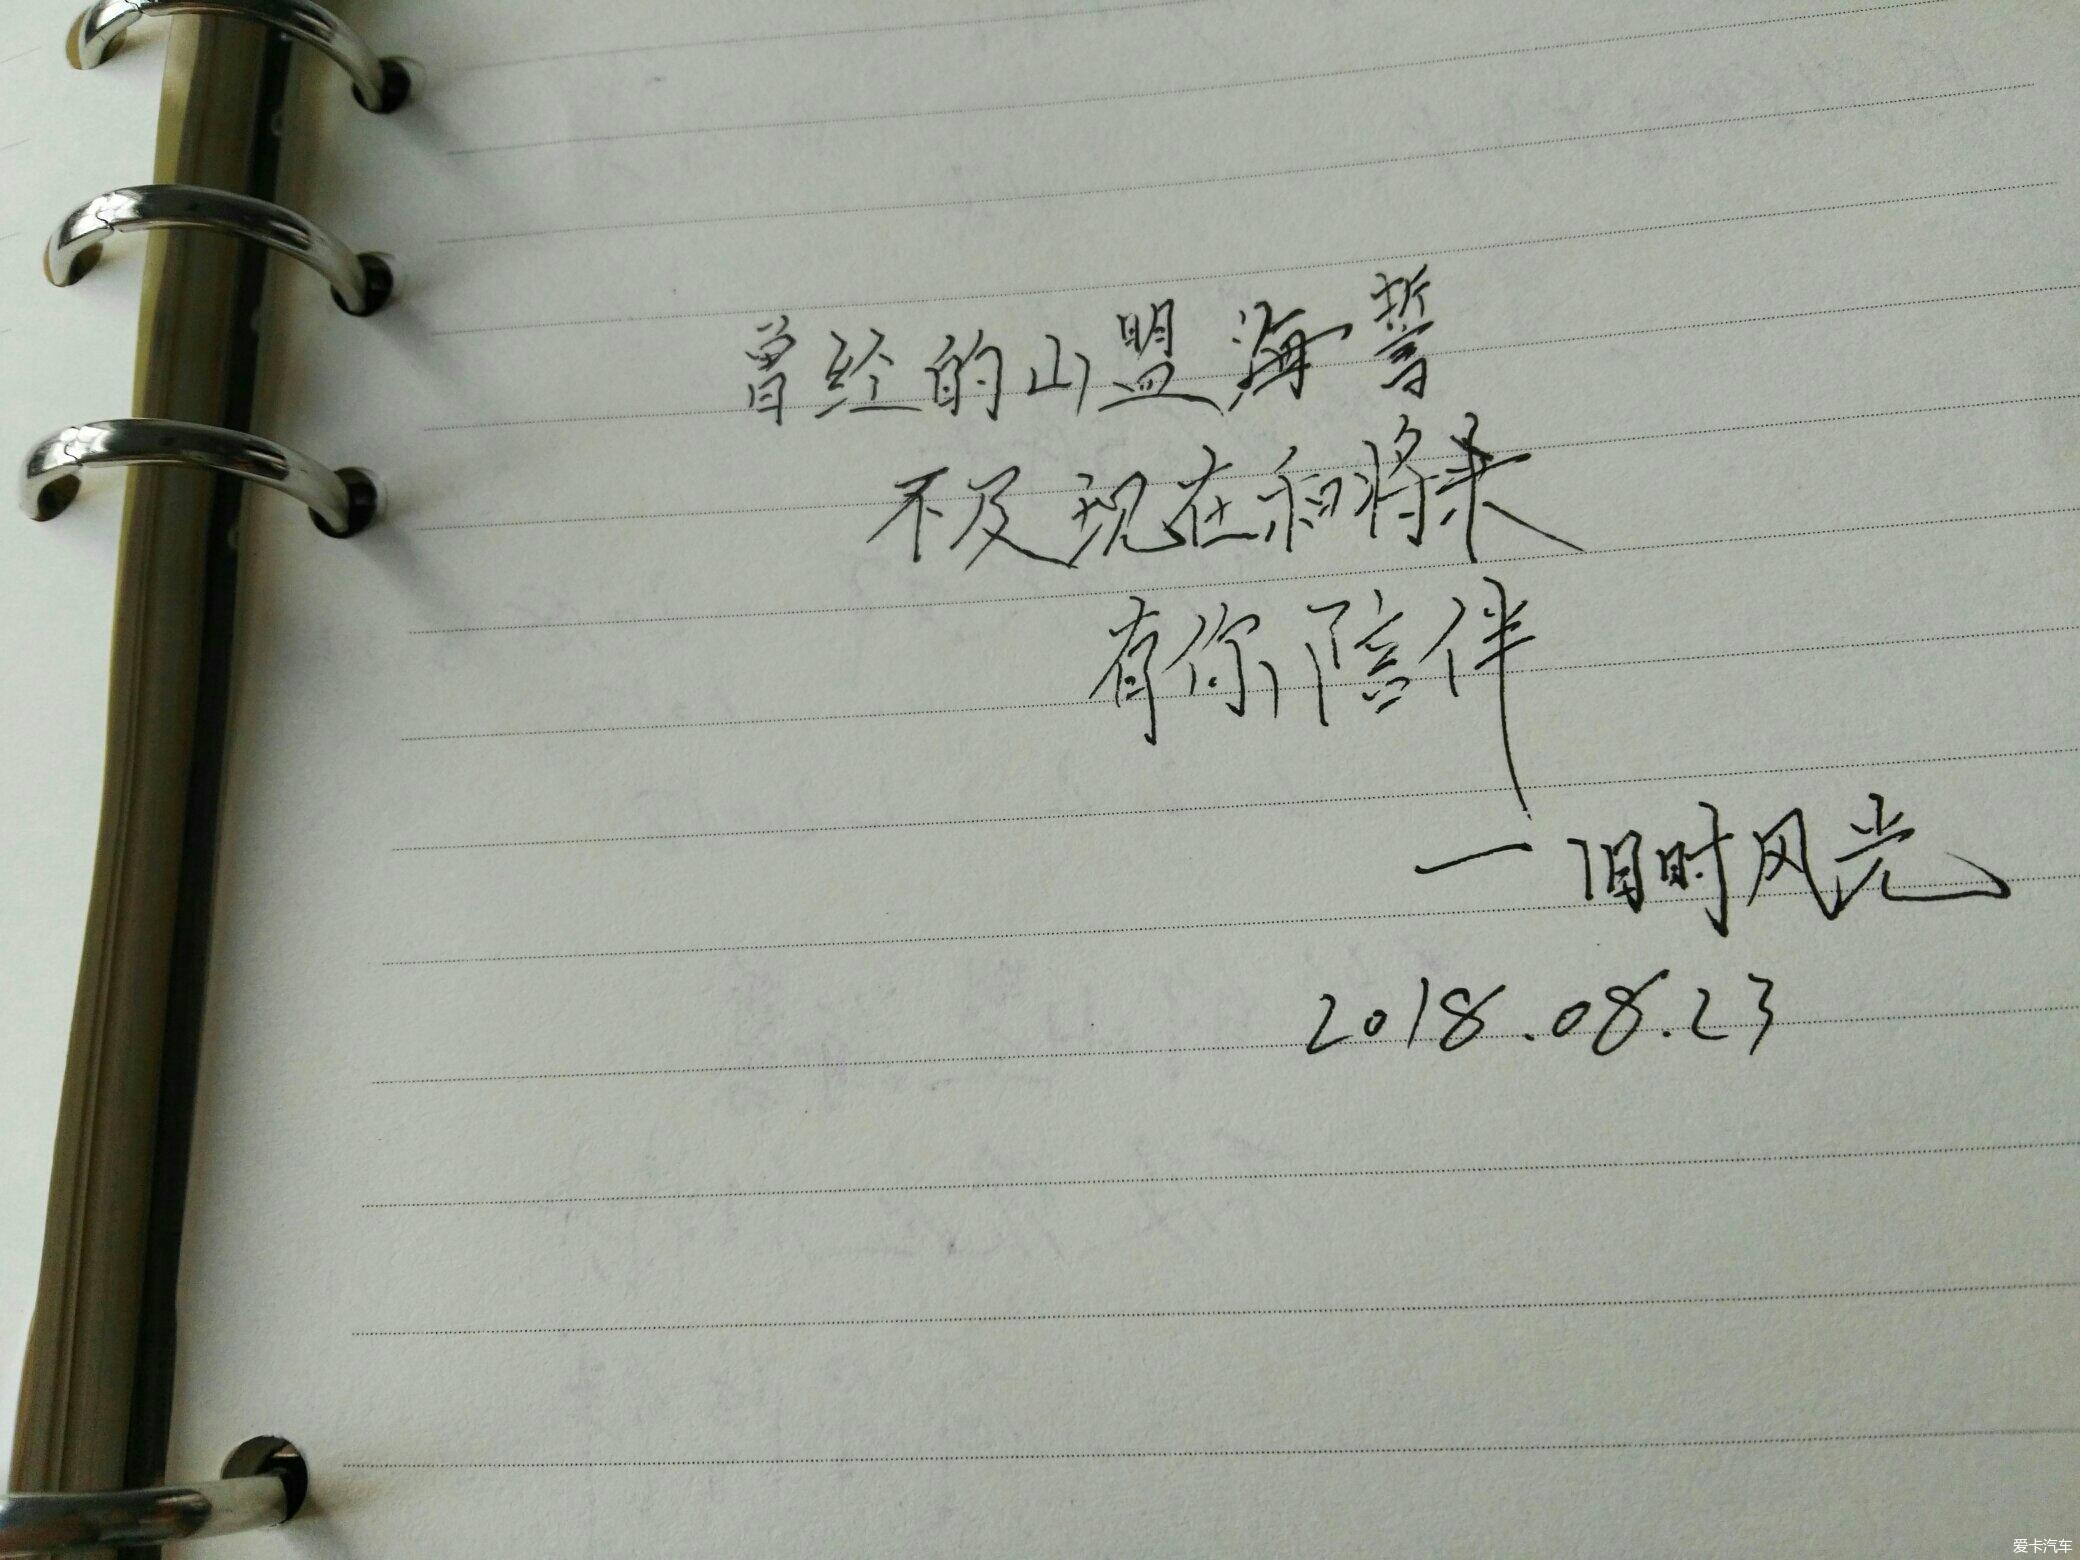 官方活动 七夕节,致敬爱情 ,最美三行情书征集